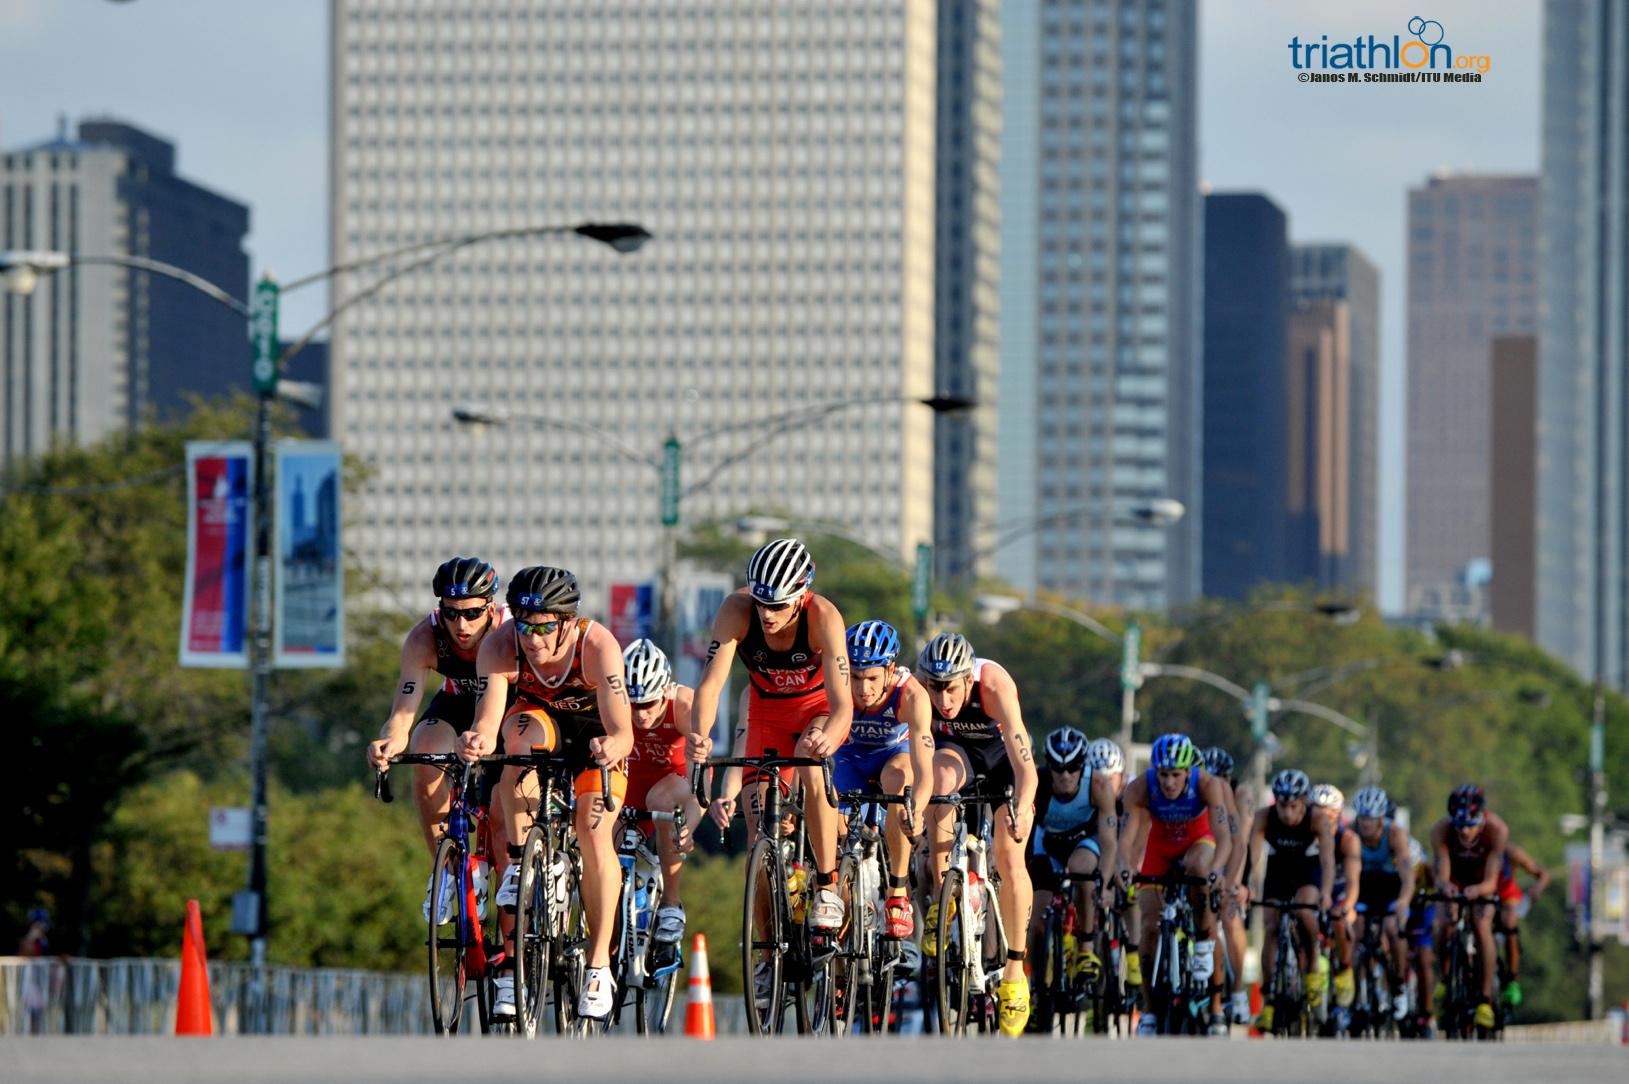 In de achtervolging in Chicago (foto: ITU/Janos M. Schmidt)